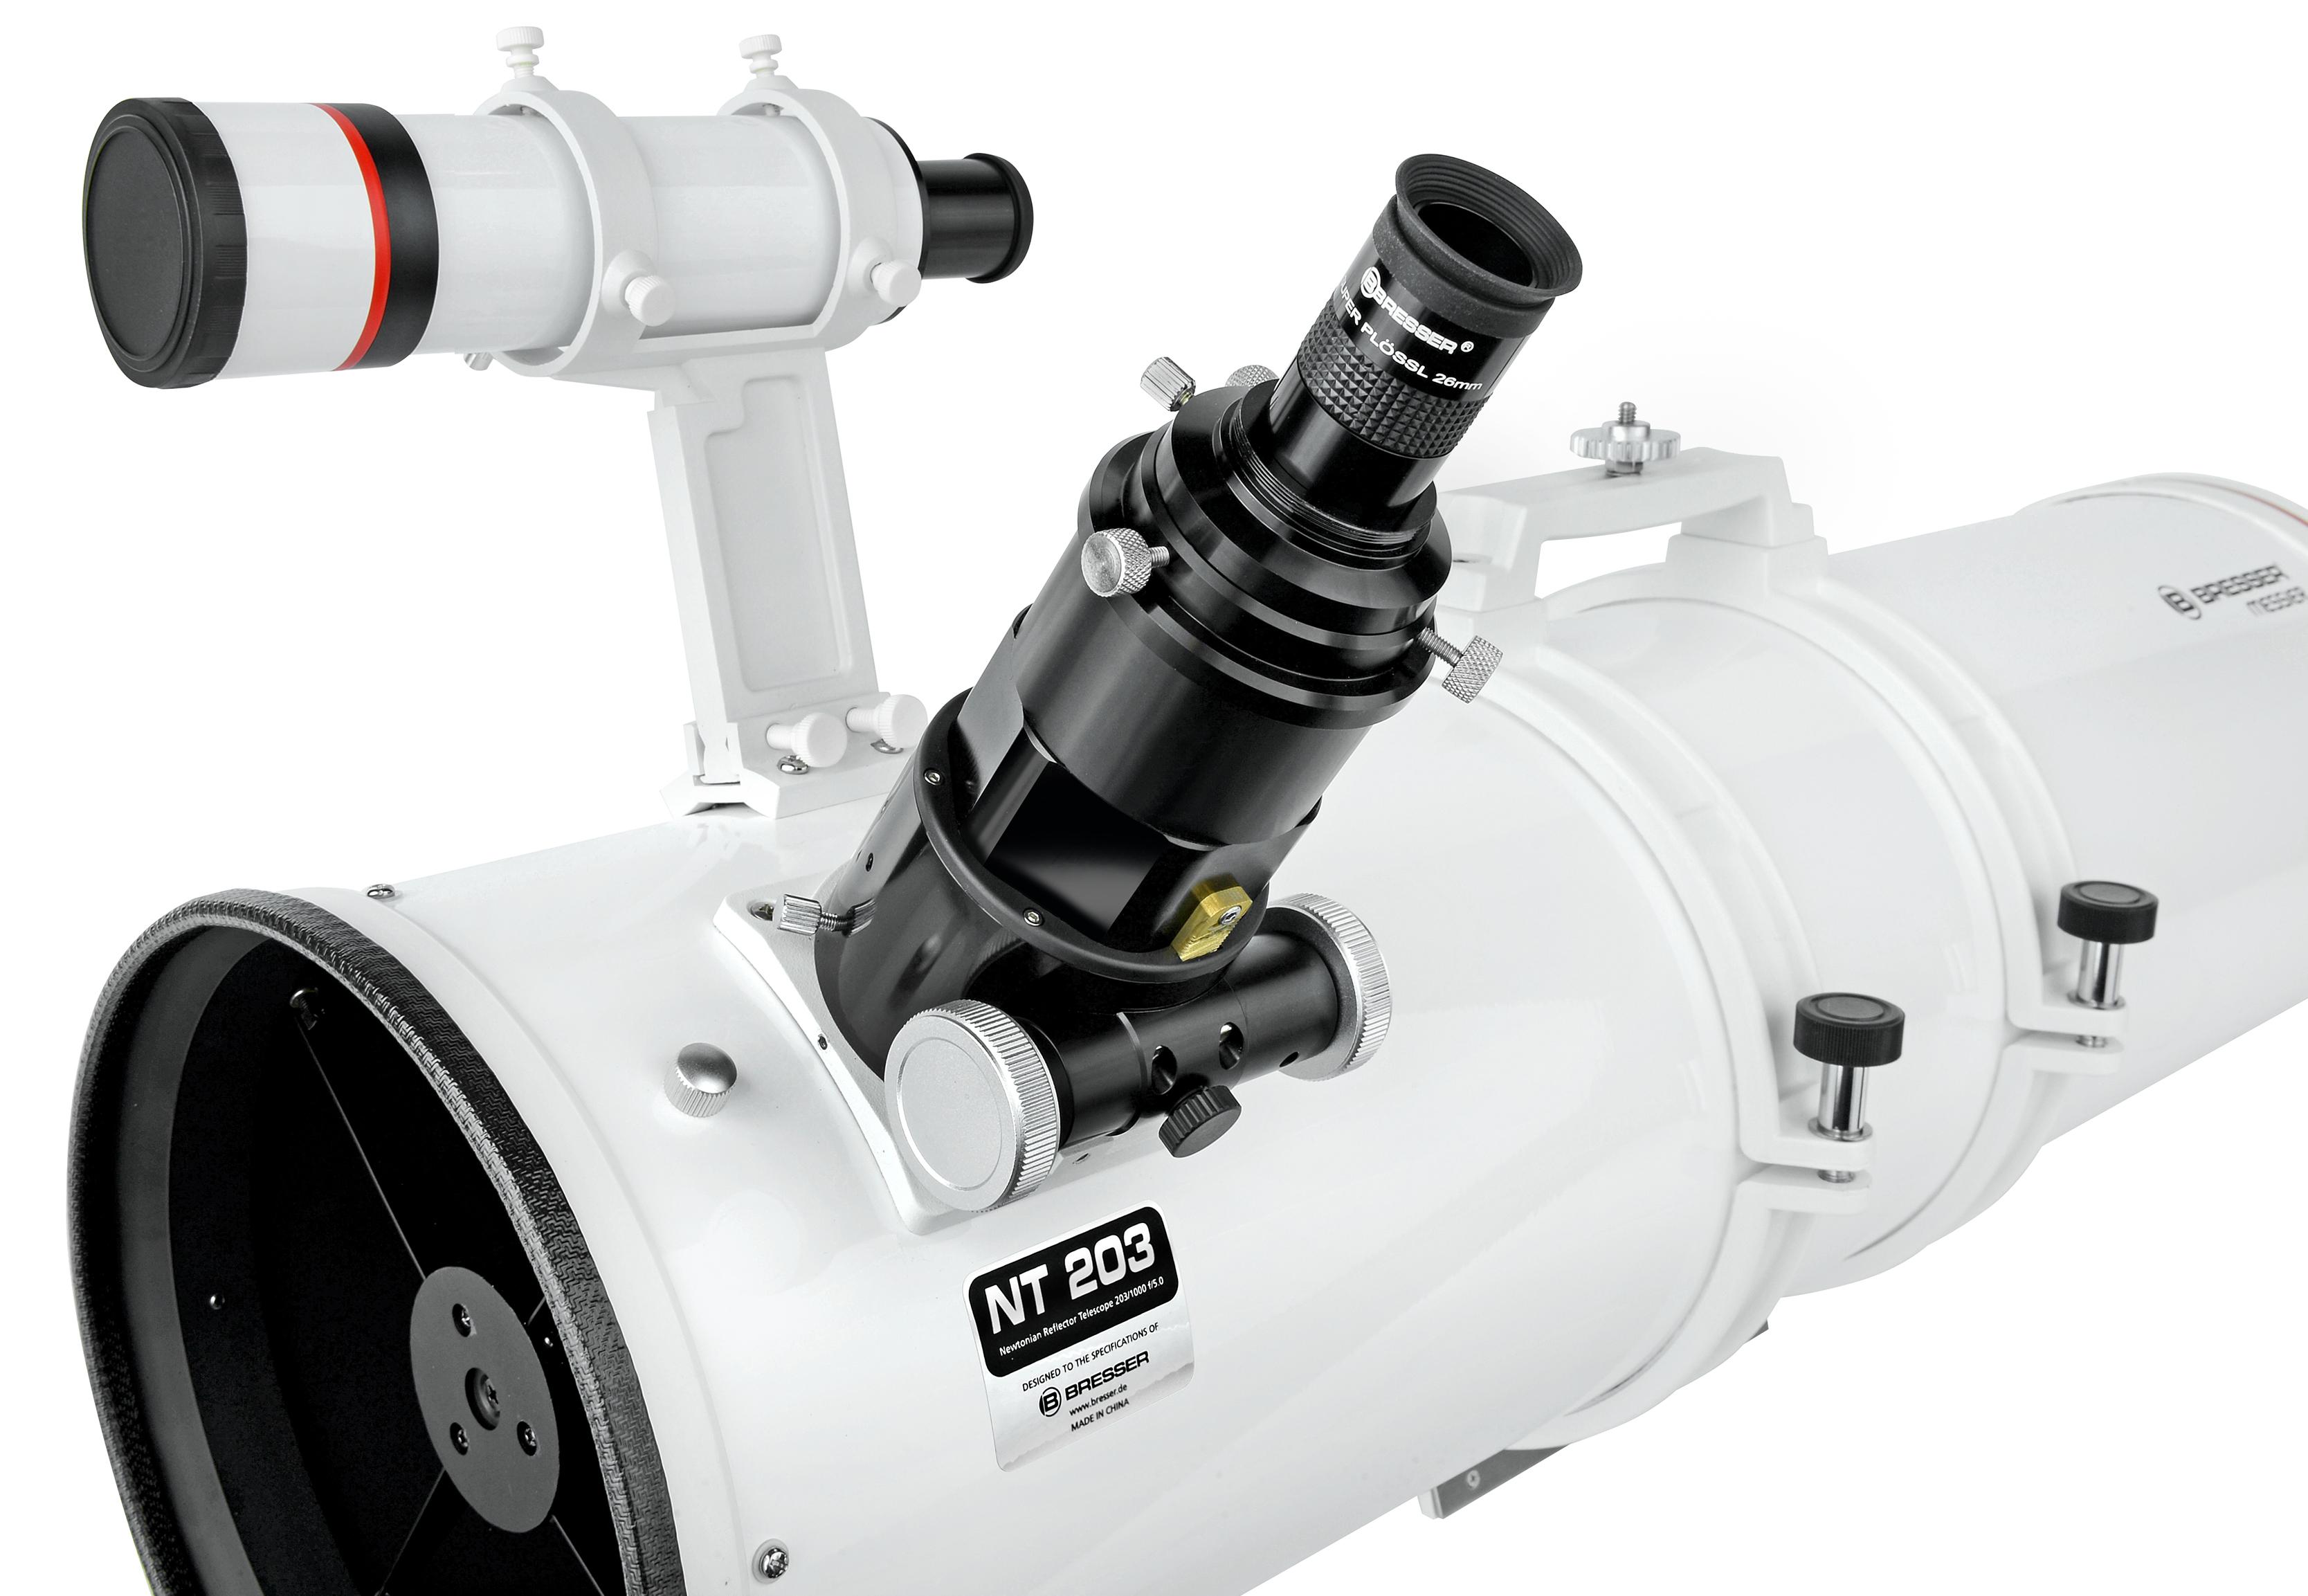 Bresser Messier Nt 203 1000 Hexafoc Optical Tube Bresser